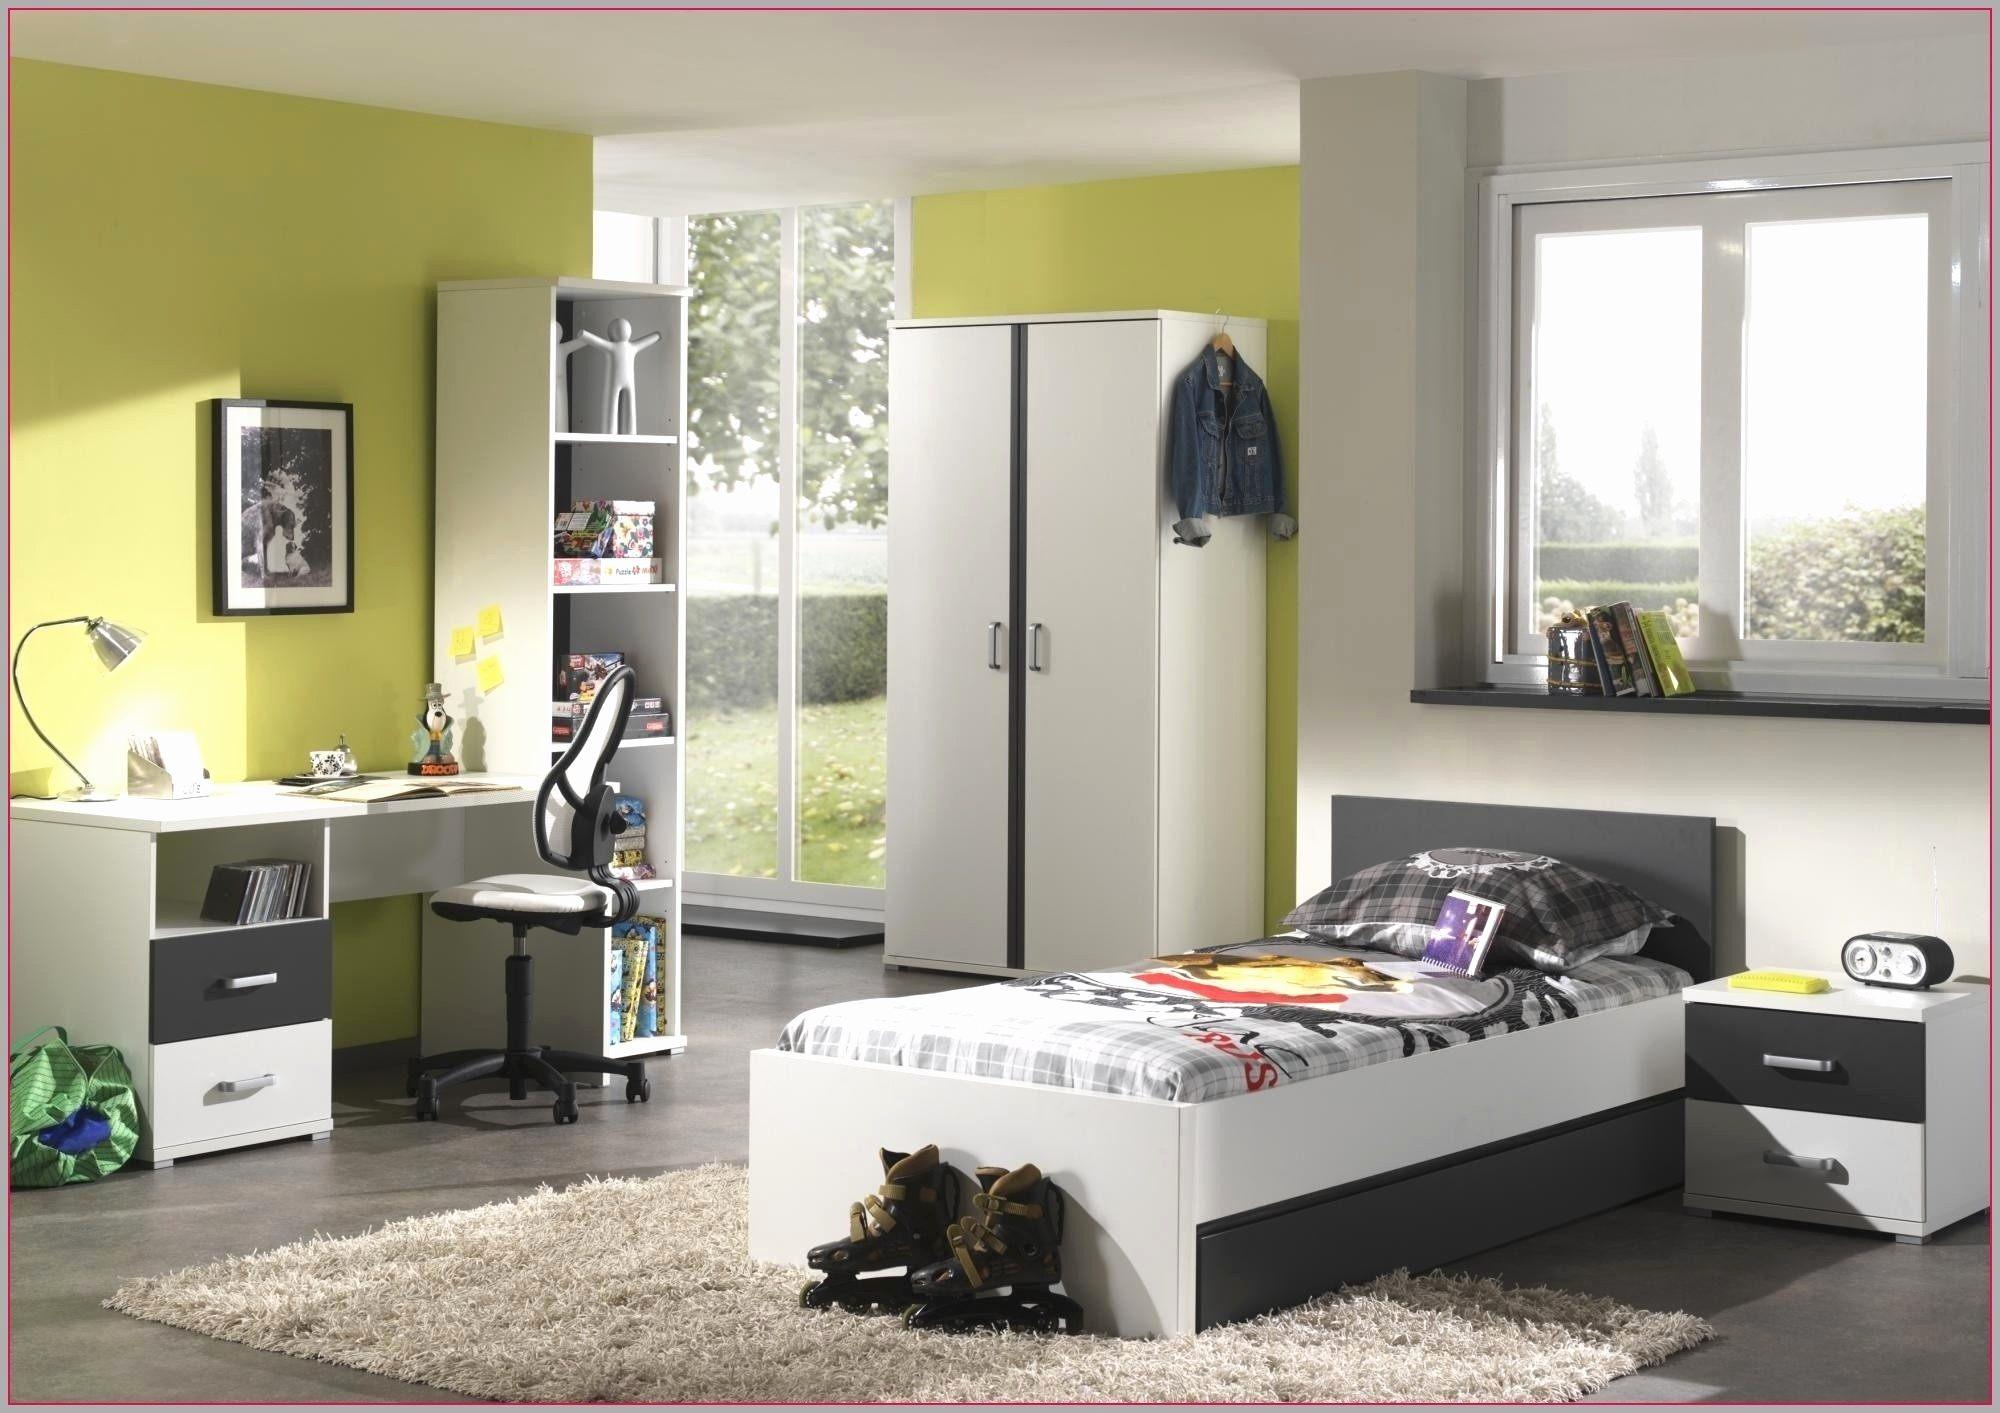 Lit Conforama 160×200 Joli Conforama Matelas 160×200 Unique 40 élégant Nouveau Lit 2 Places